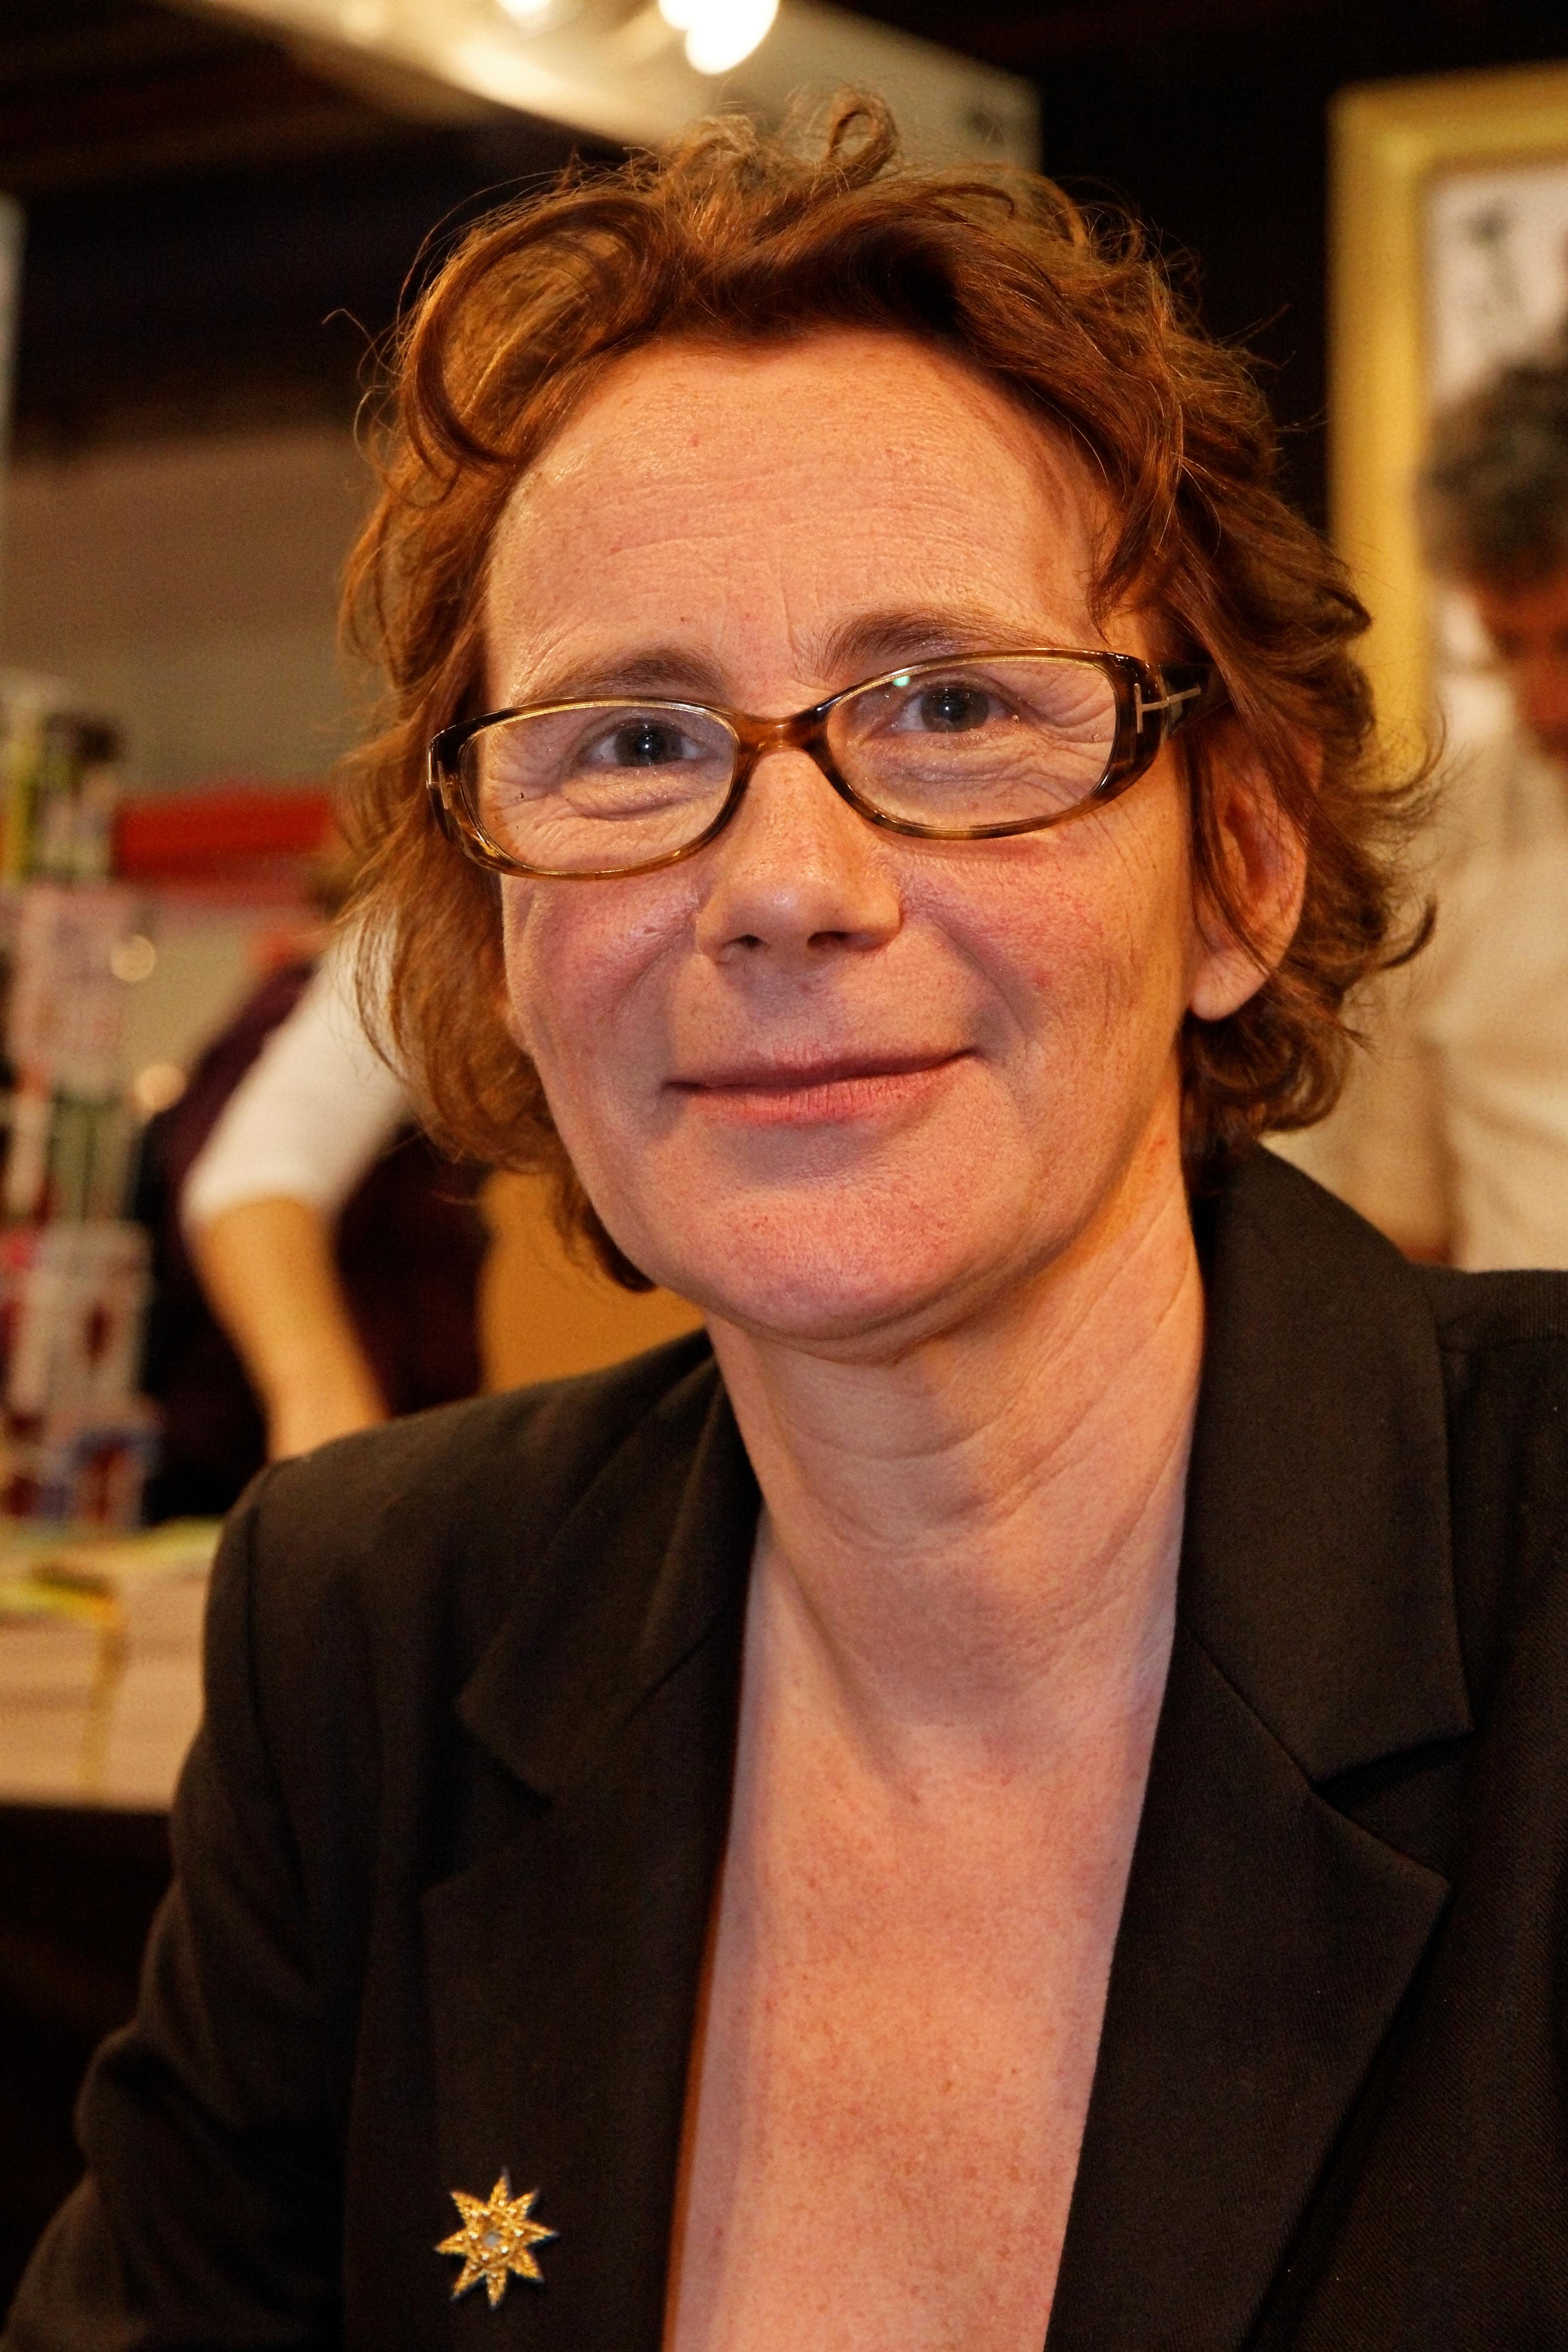 Montreuil - Salon du livre jeunesse 2011 - Marie Desplechin - 001.jpg